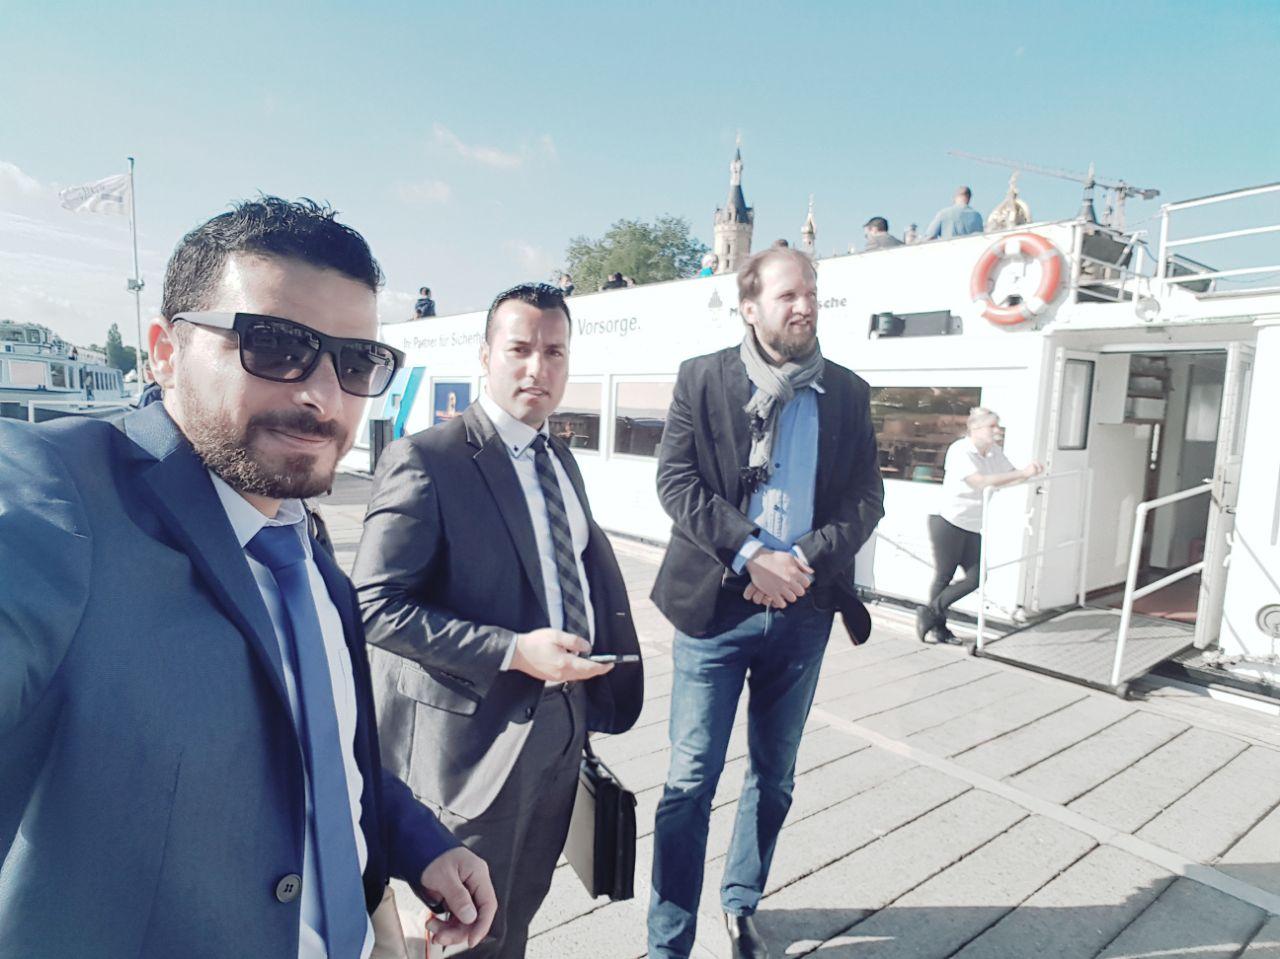 syrischeszentrum00065